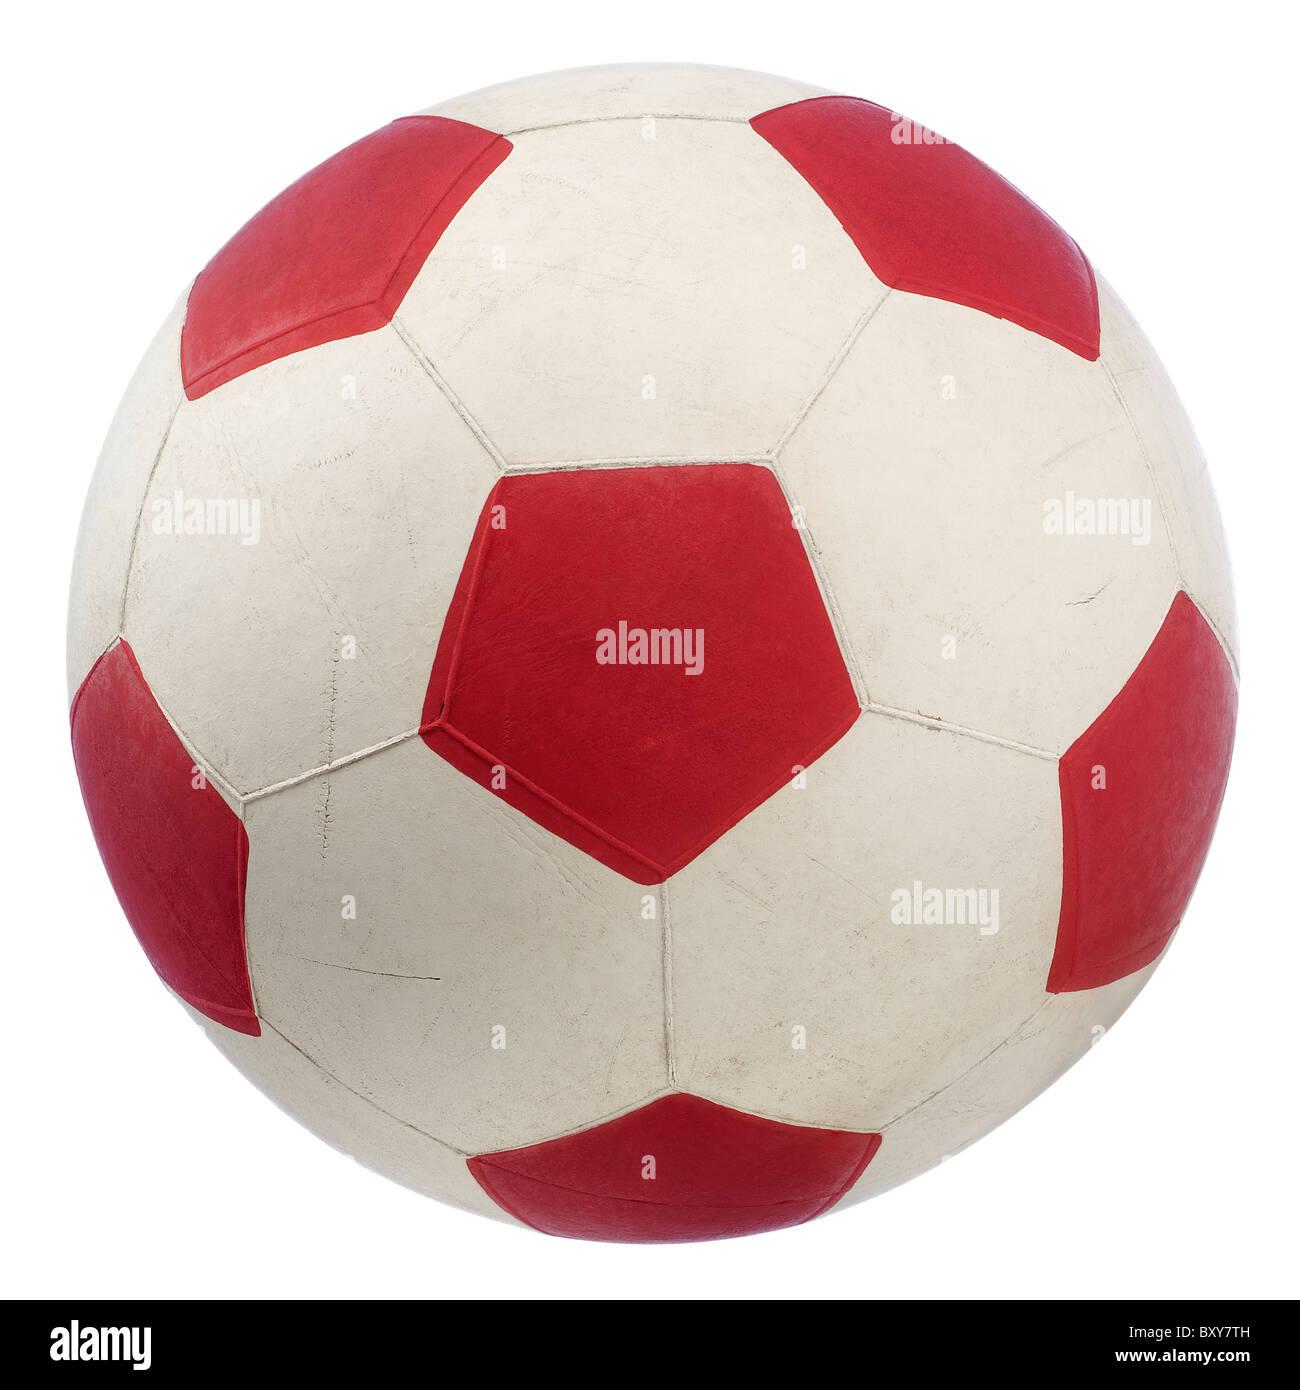 einen roten und weißen Fußball isoliert auf weiss Stockbild